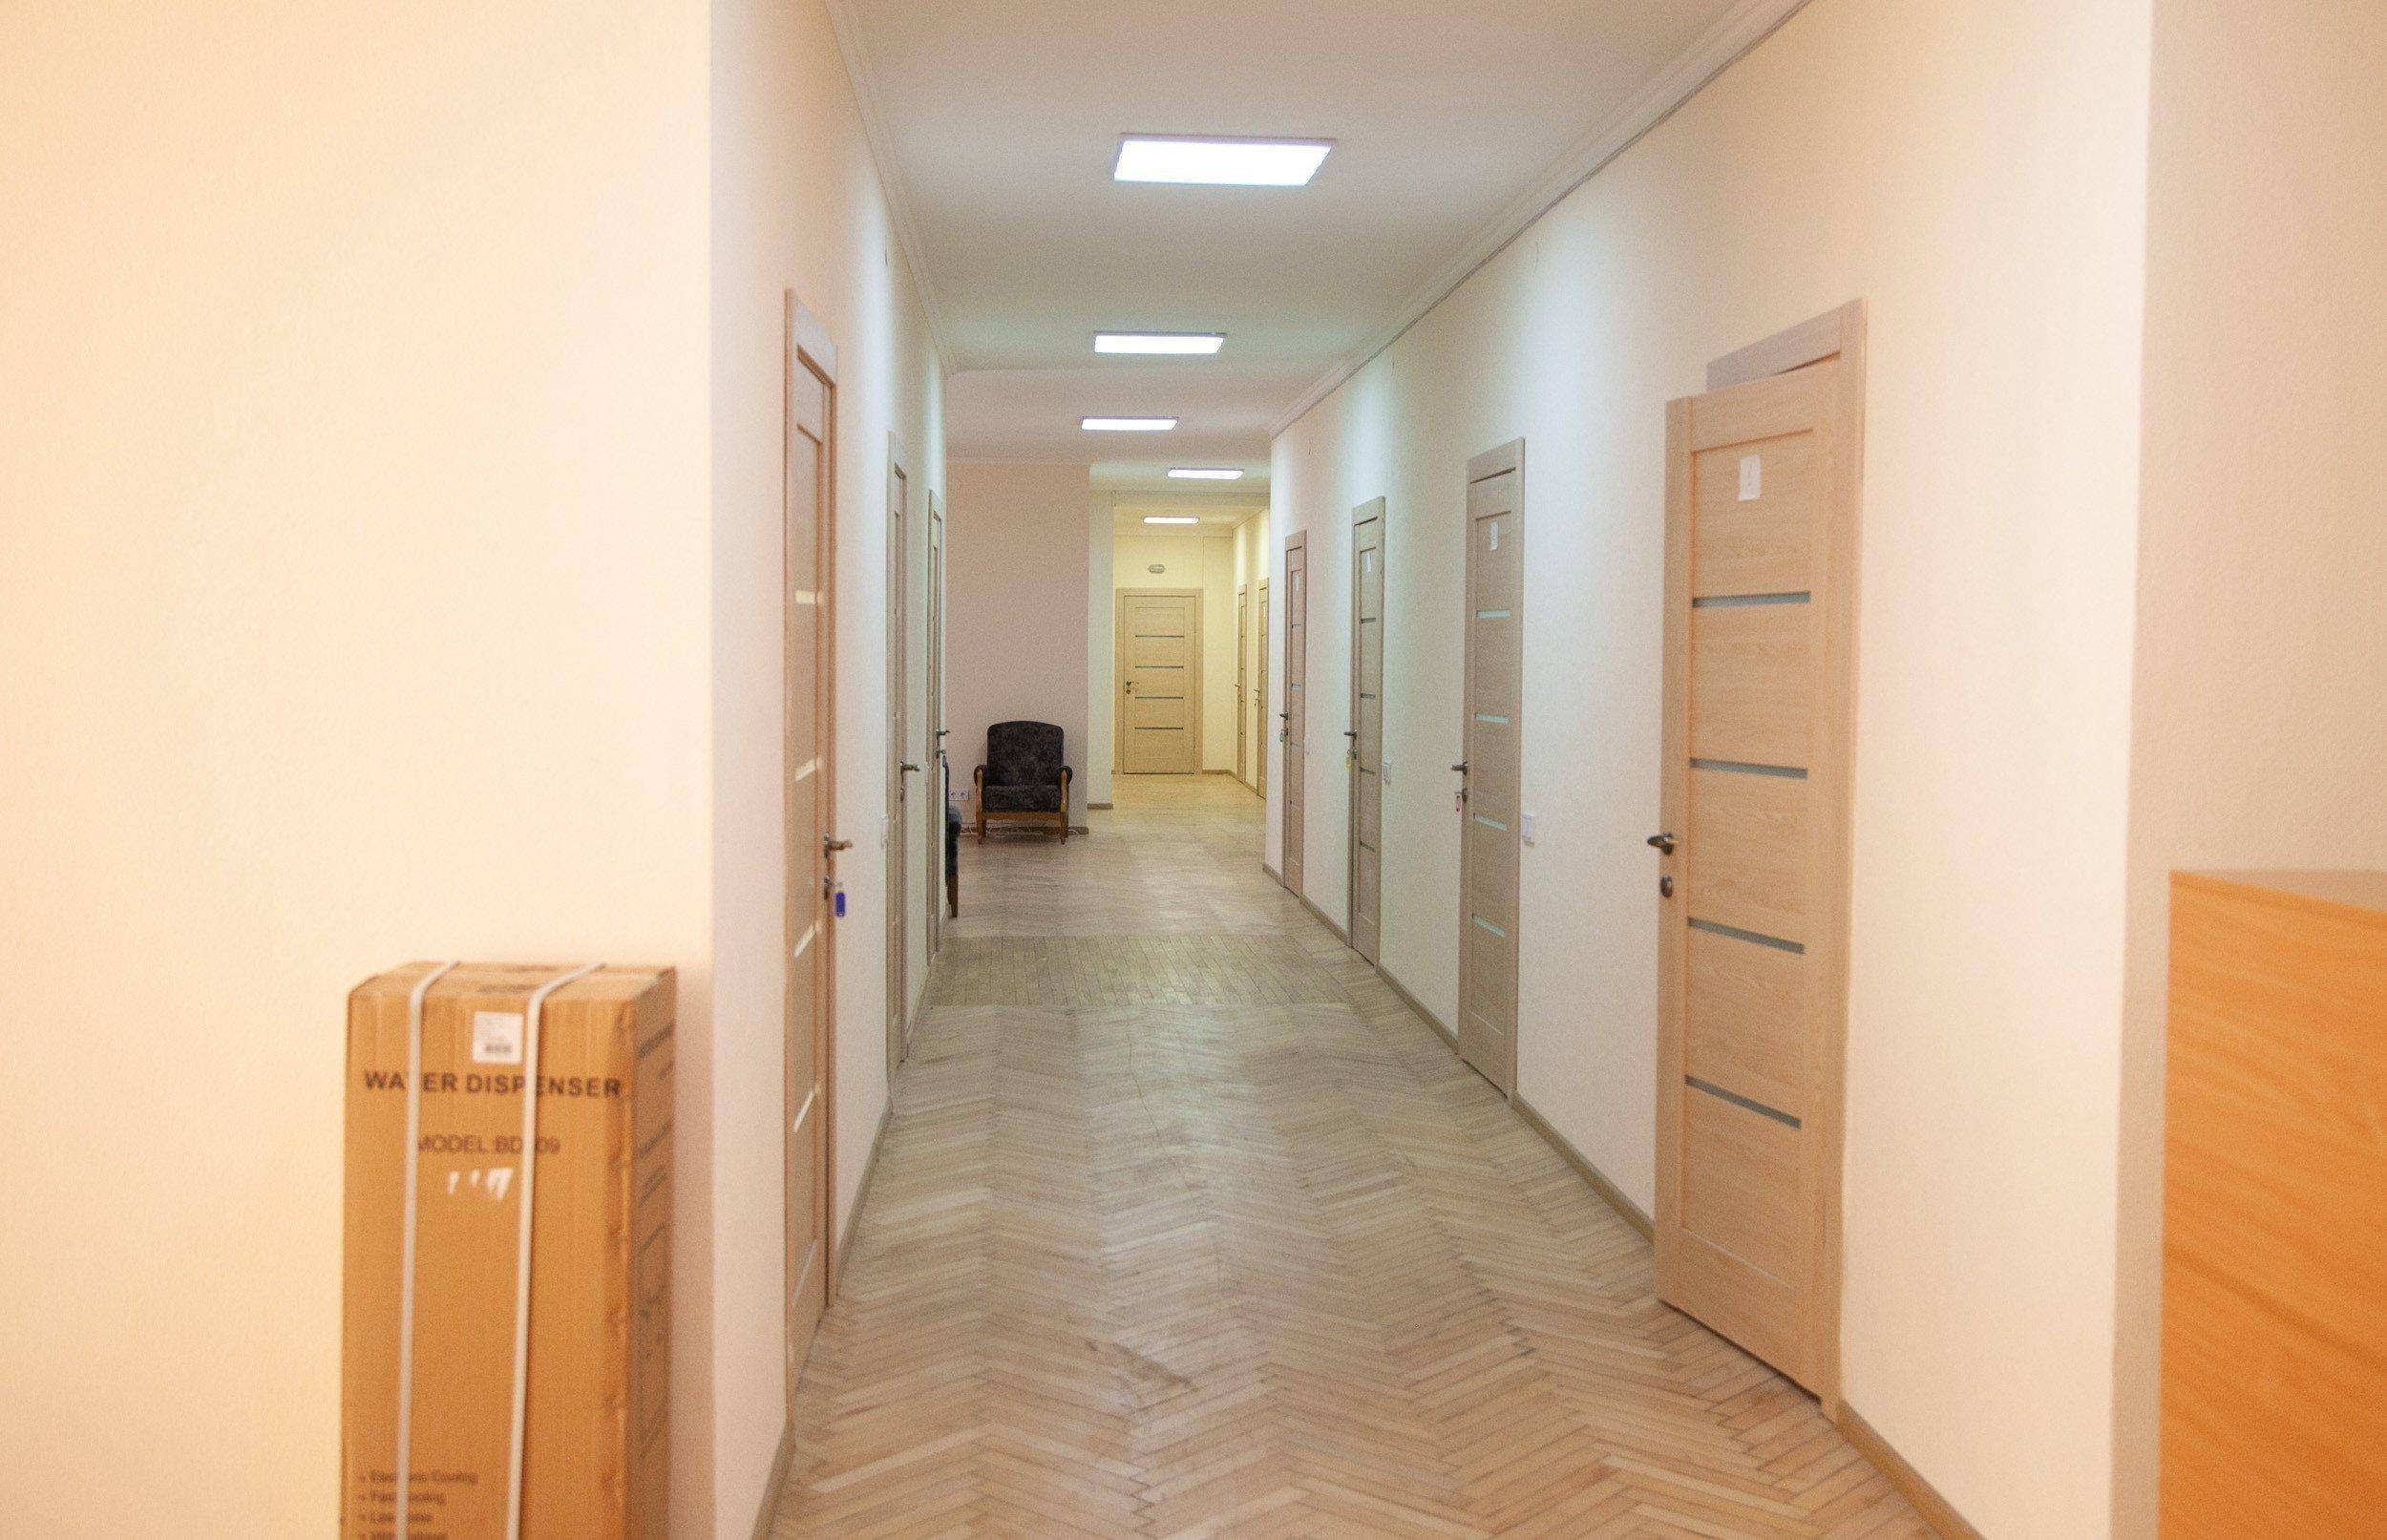 Украинские общежития станут собственностью громад картинка